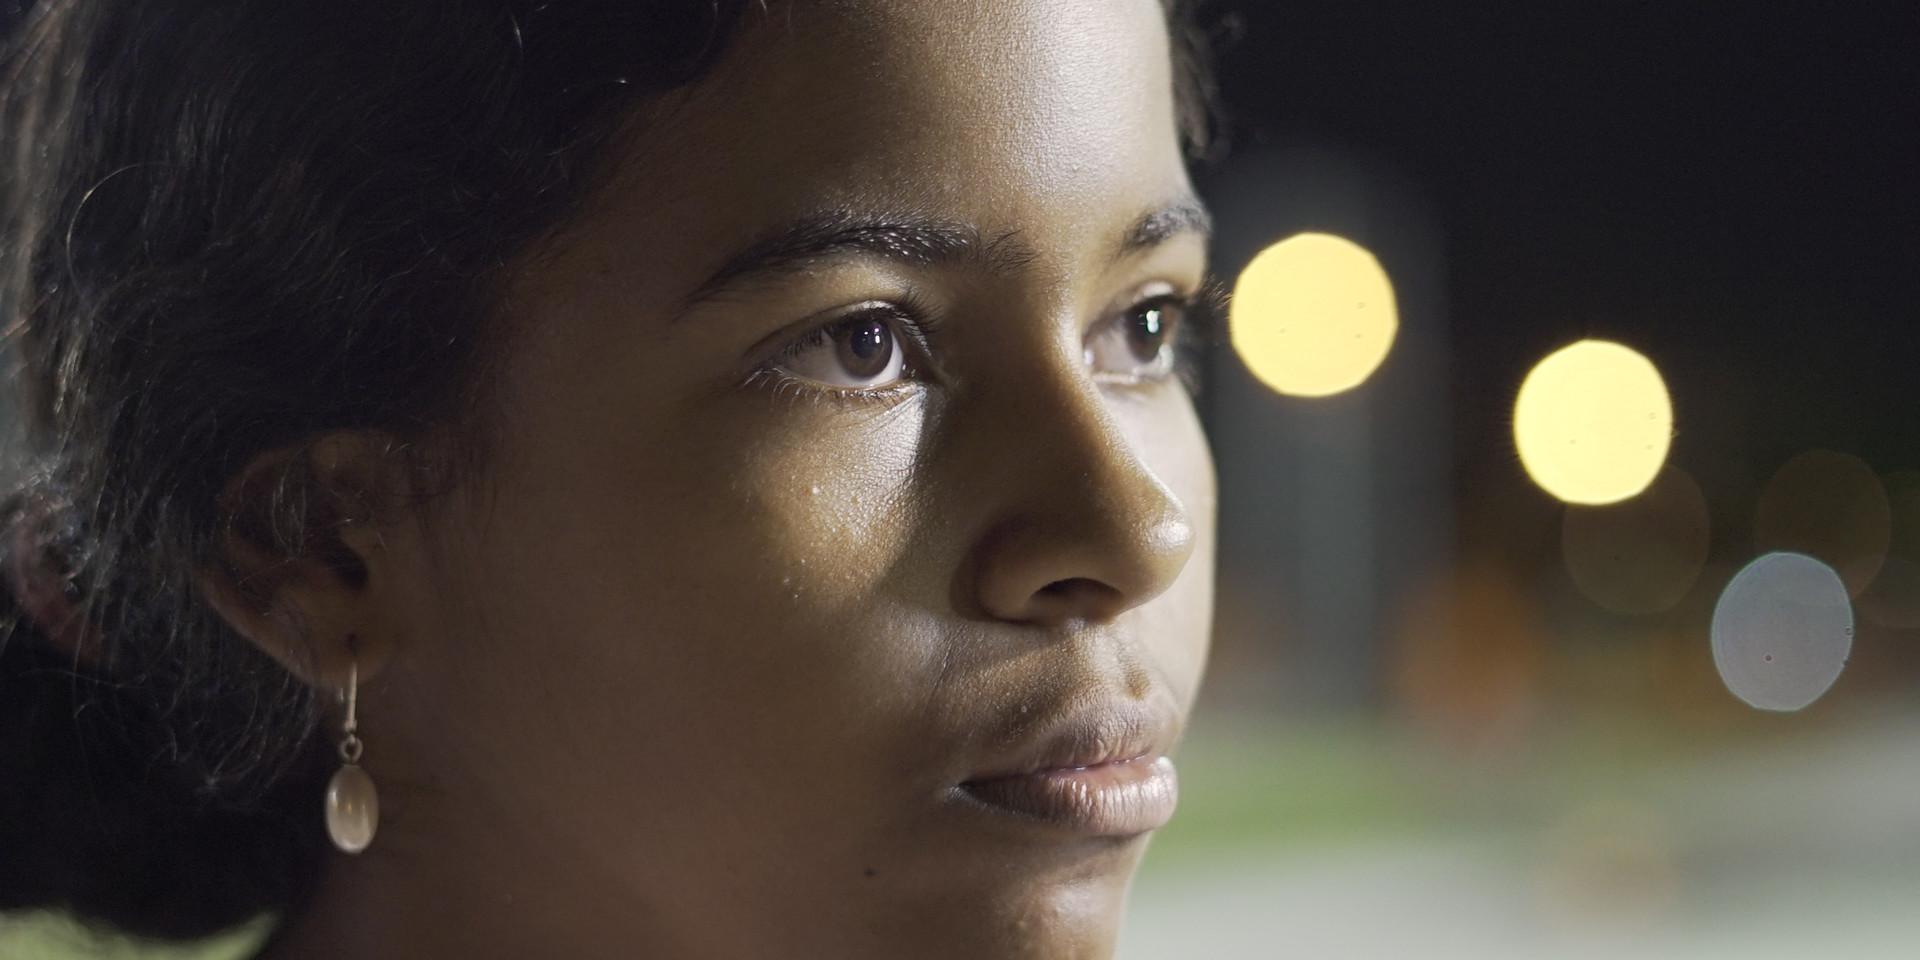 Zwarte lesbische met grote buit